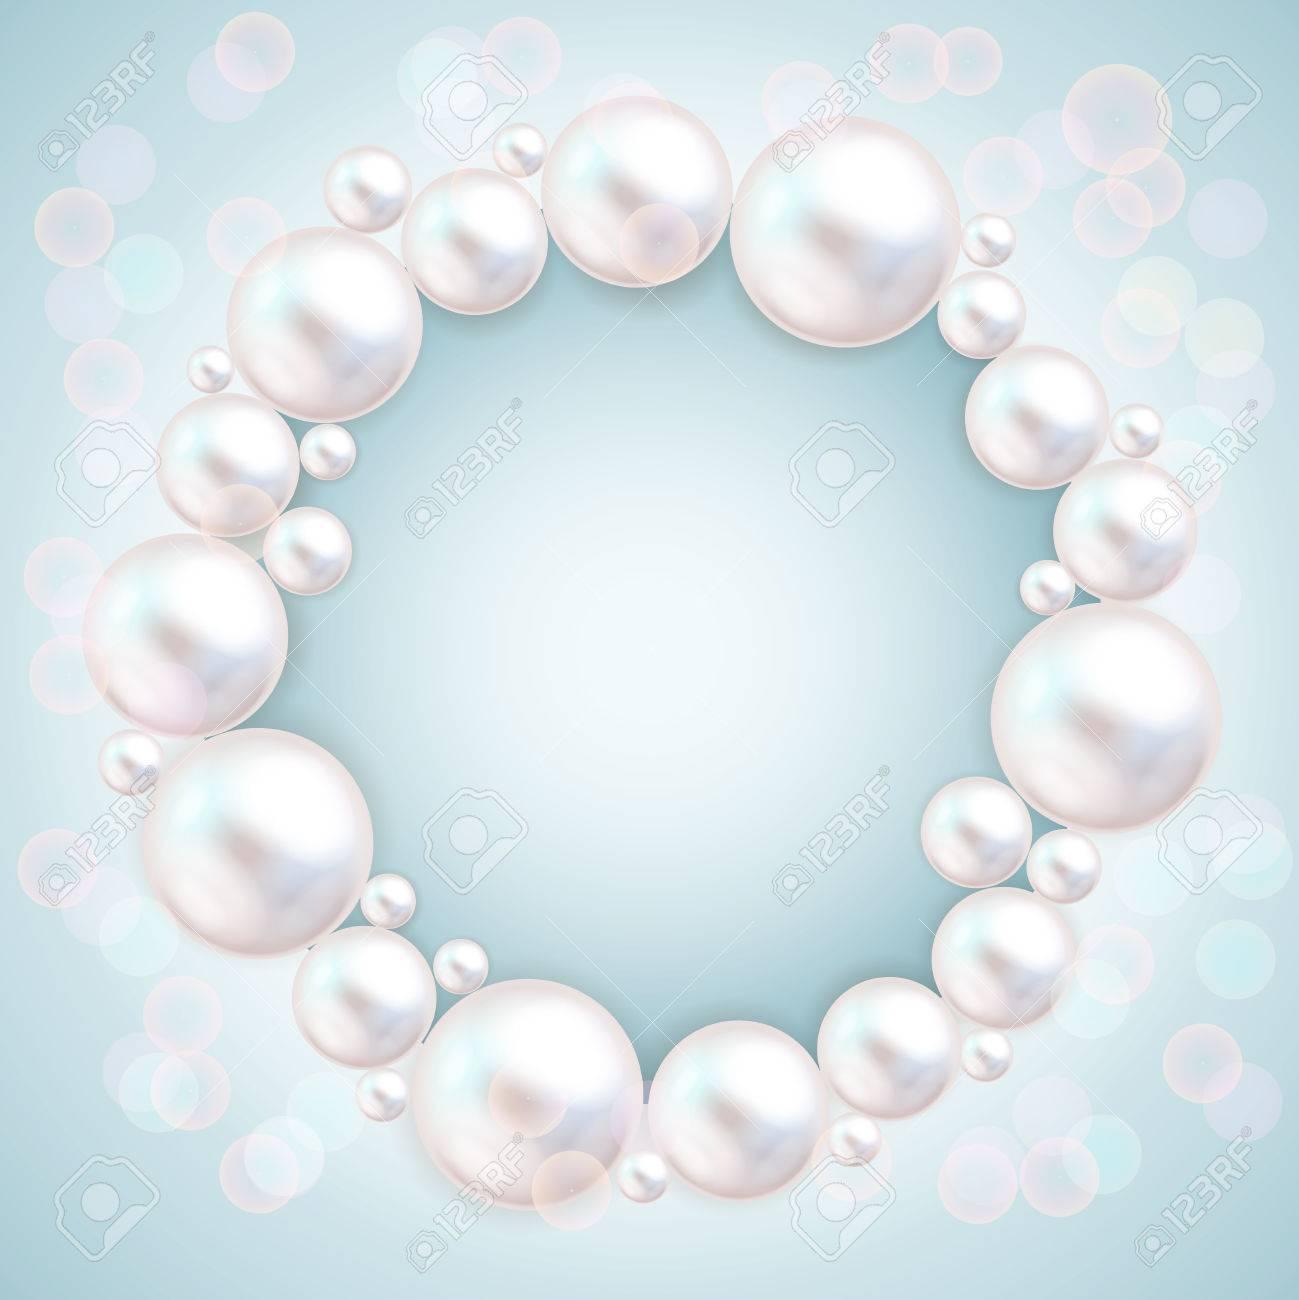 Perle Perlen Auf Blauem Hintergrund Rahmen. Schmuck Armband ...